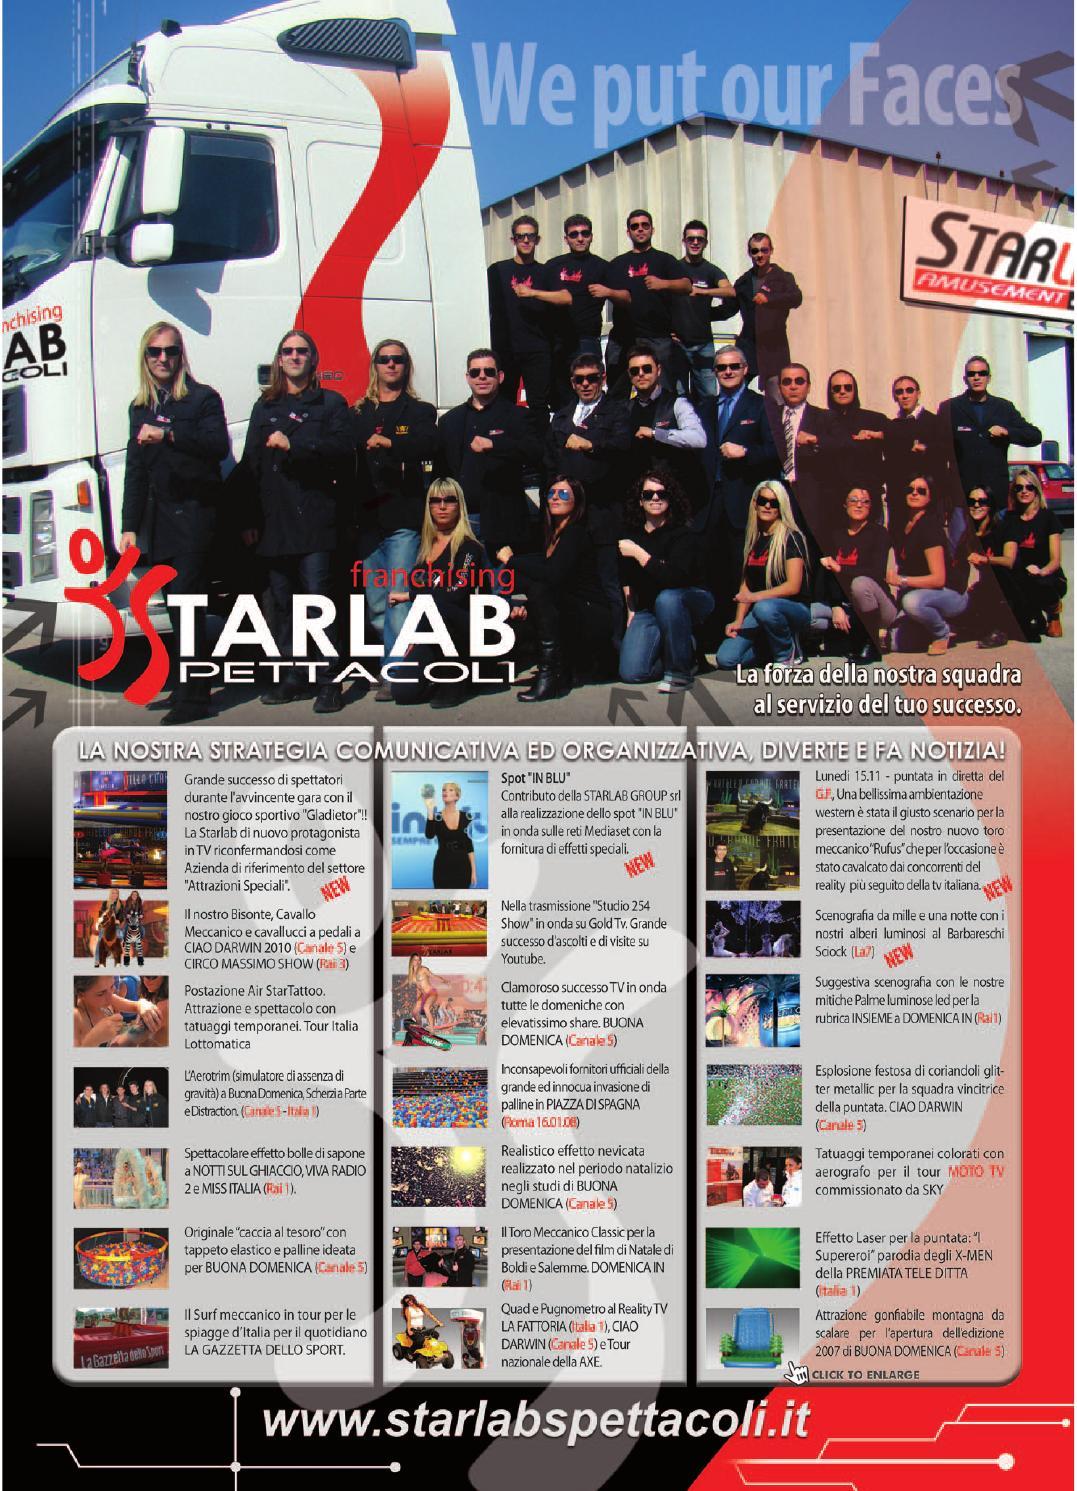 Catalogo noleggio 2011 by starlab spettacoli issuu for Starlab spettacoli